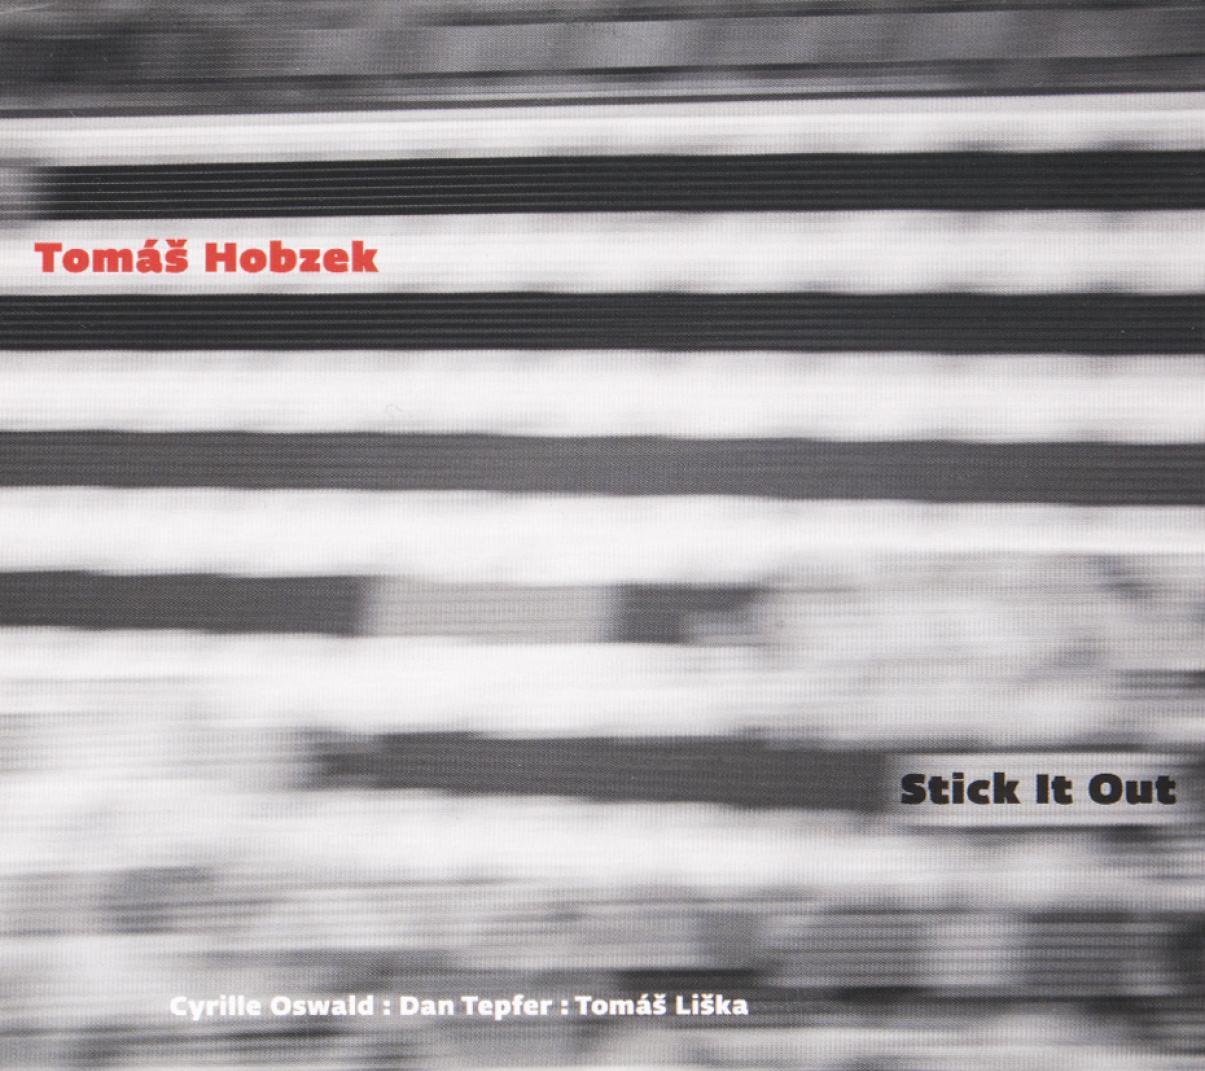 Tomáš Hobzek: Stick It Out